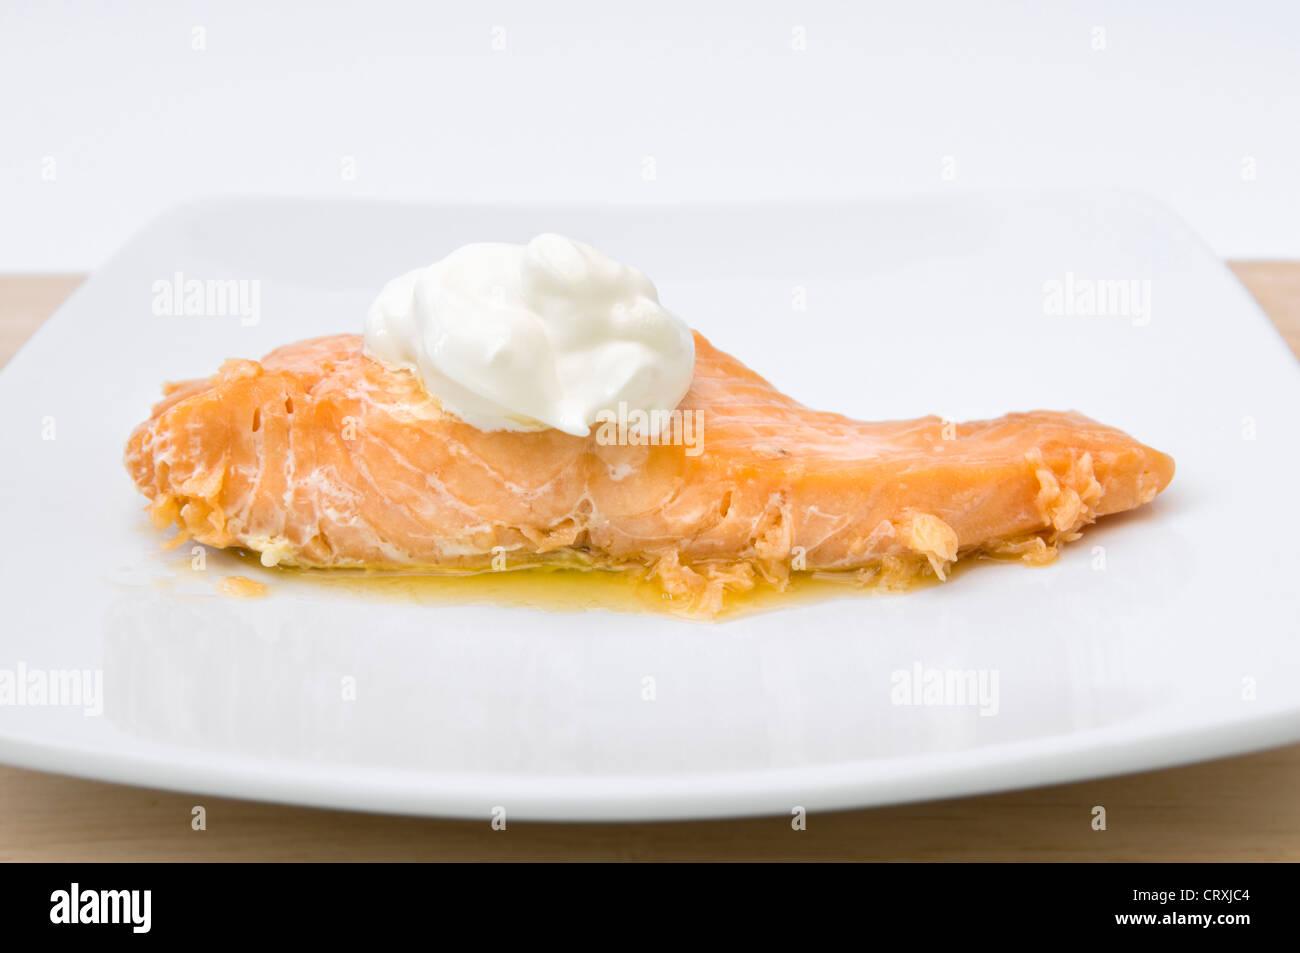 Le saumon cuit avec cuillerée de crème fraîche et de beurre fondu on white plate Photo Stock